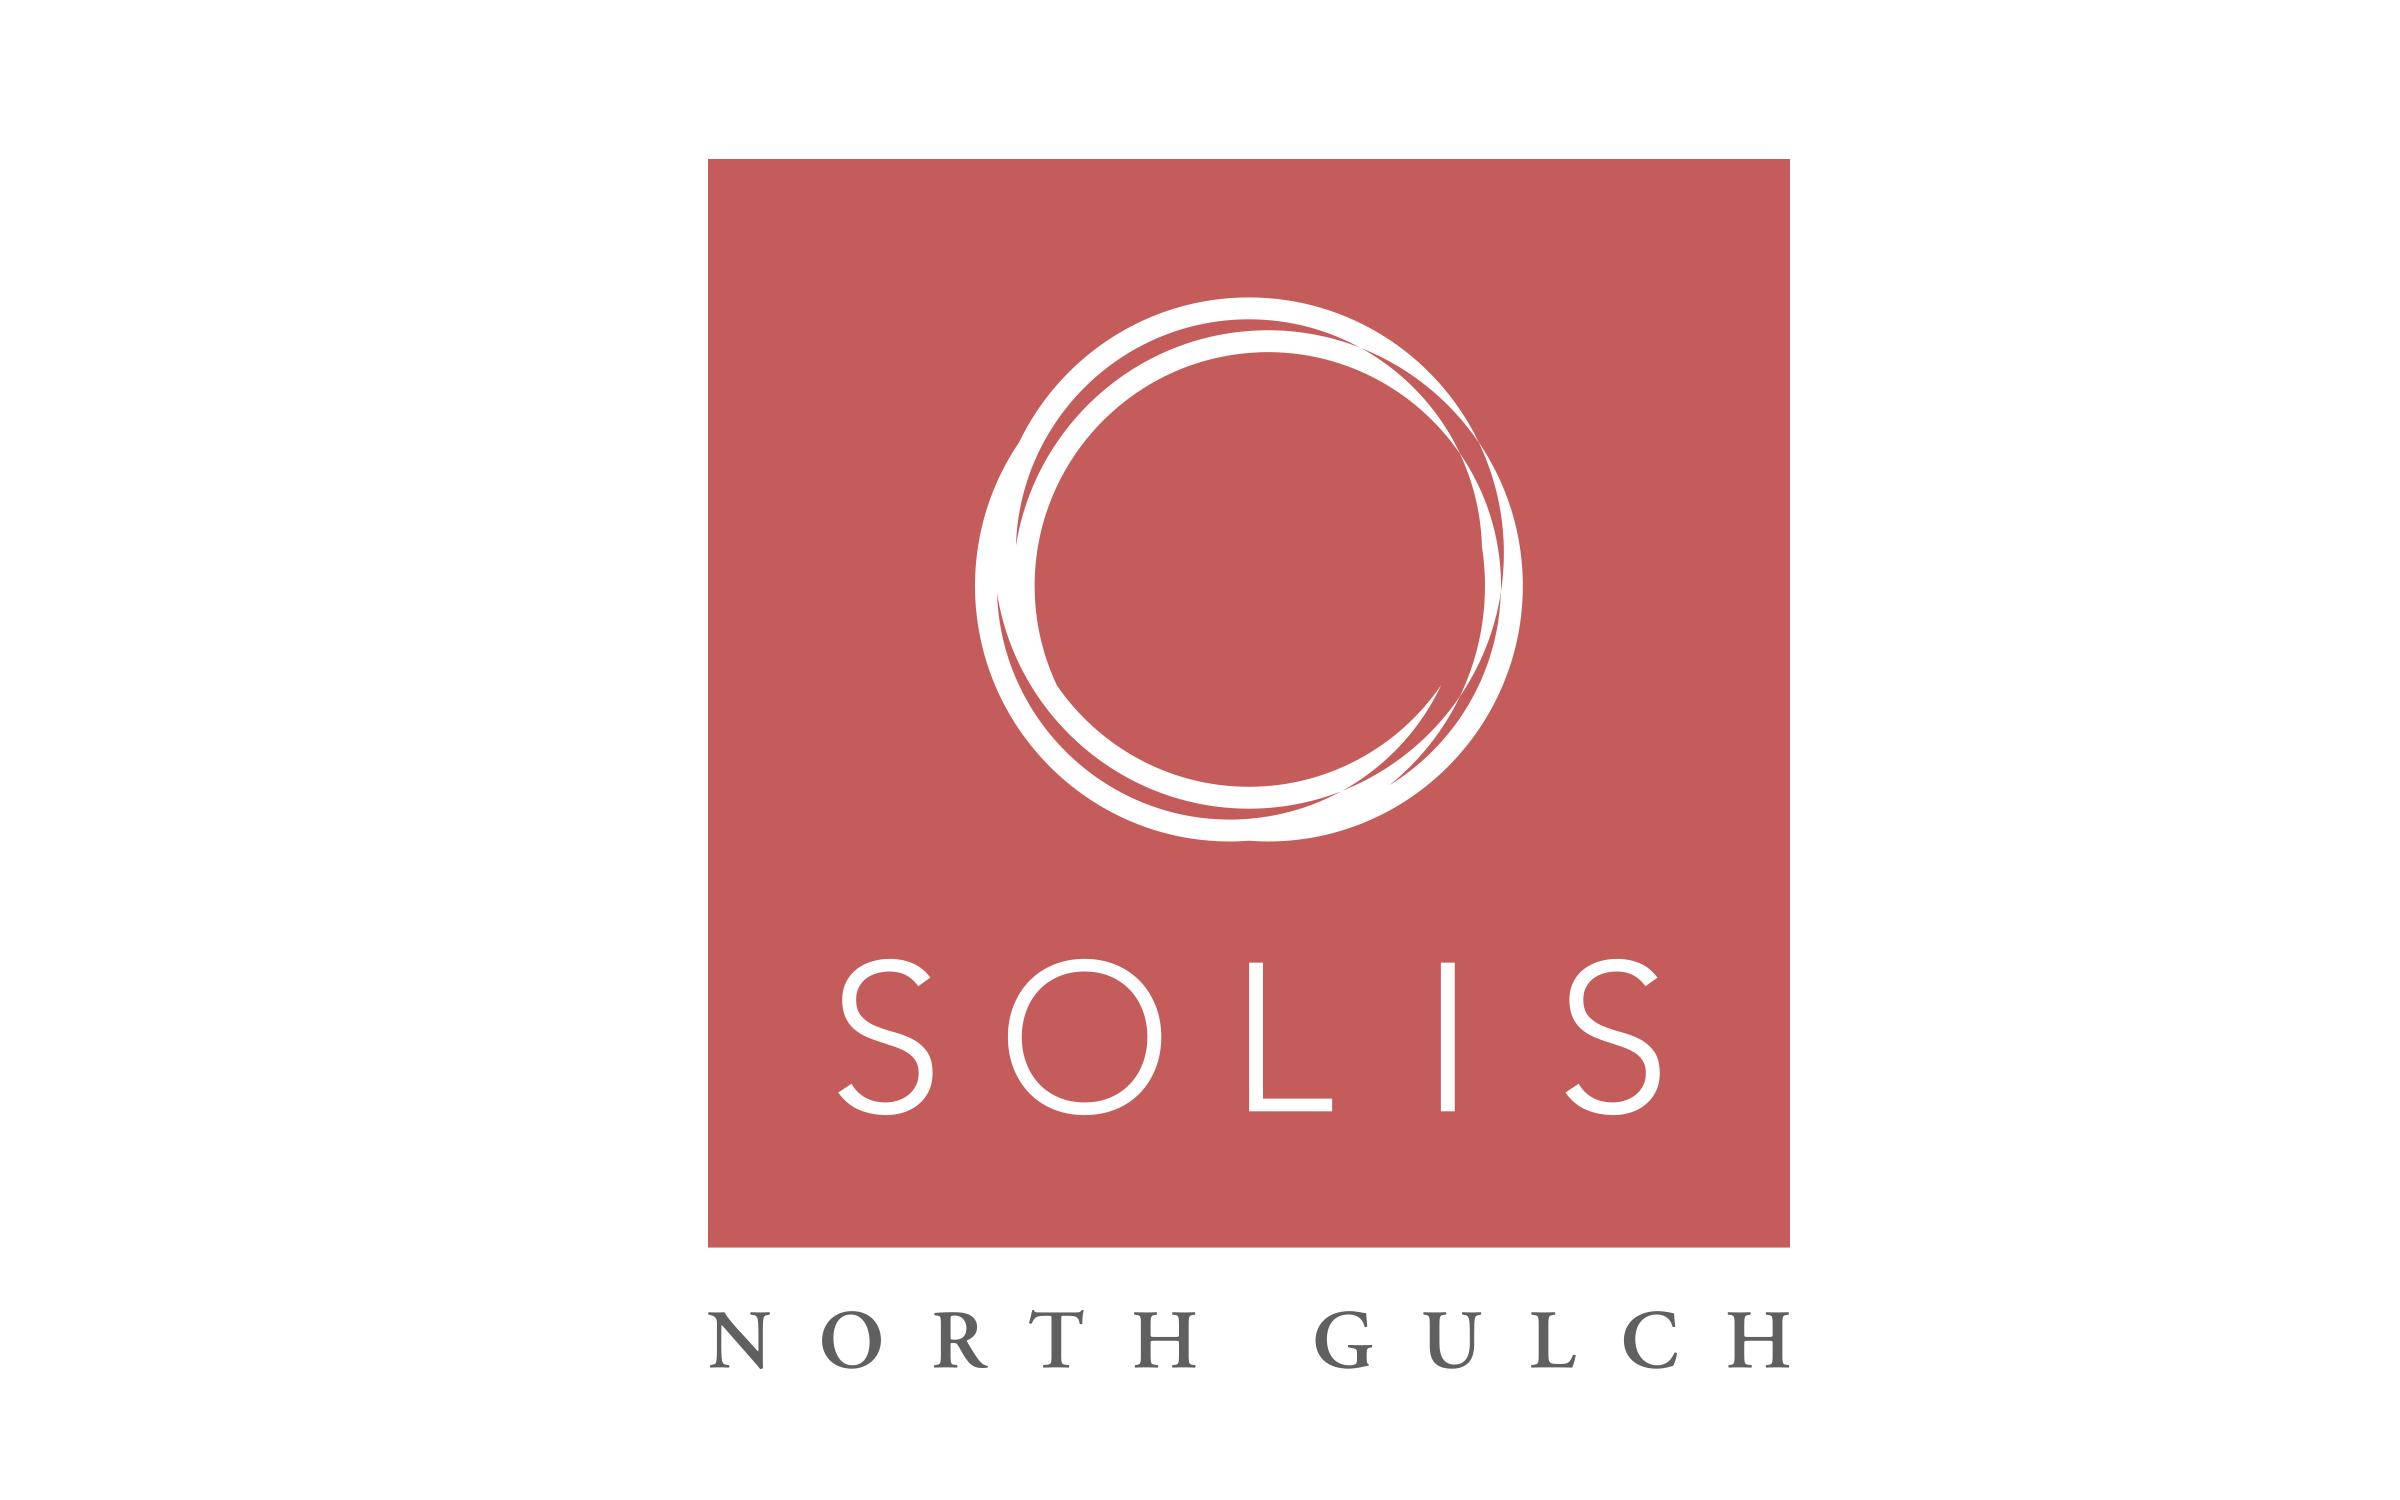 Solis North Gulch